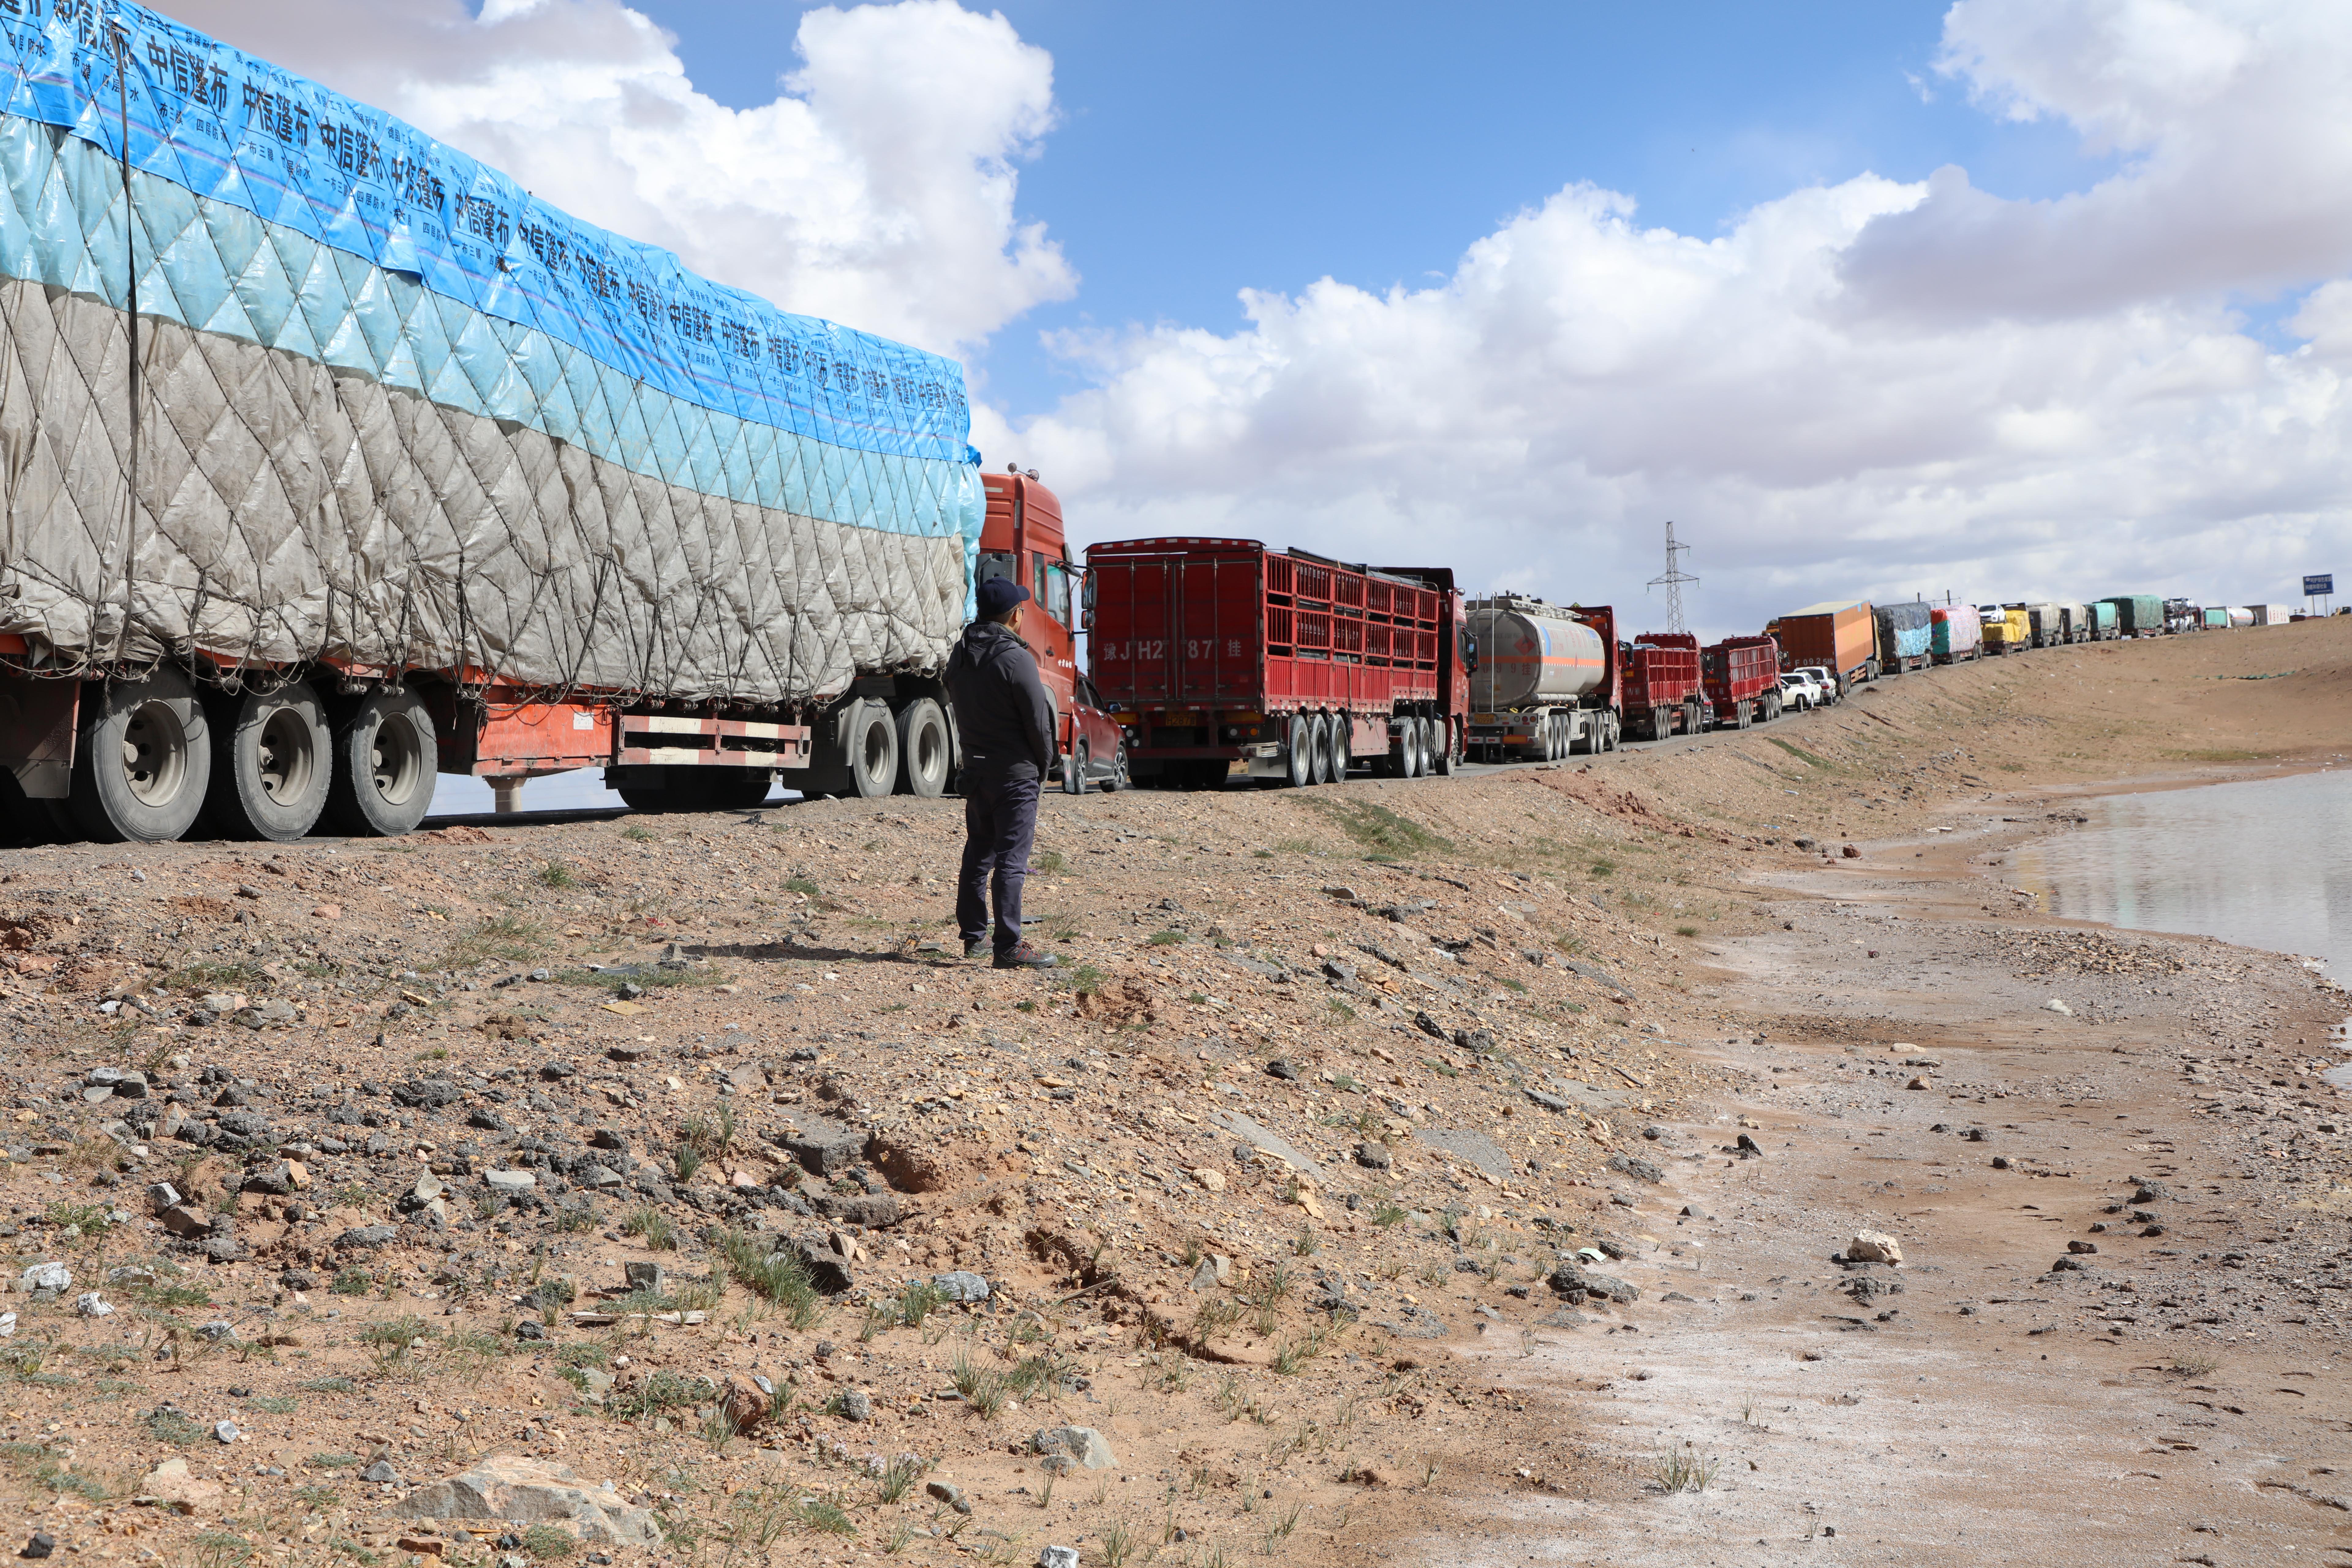 图2,(青藏公路堵车时常可见,堵住的车辆延绵数公里,2019年8月5日 金冠时 摄)